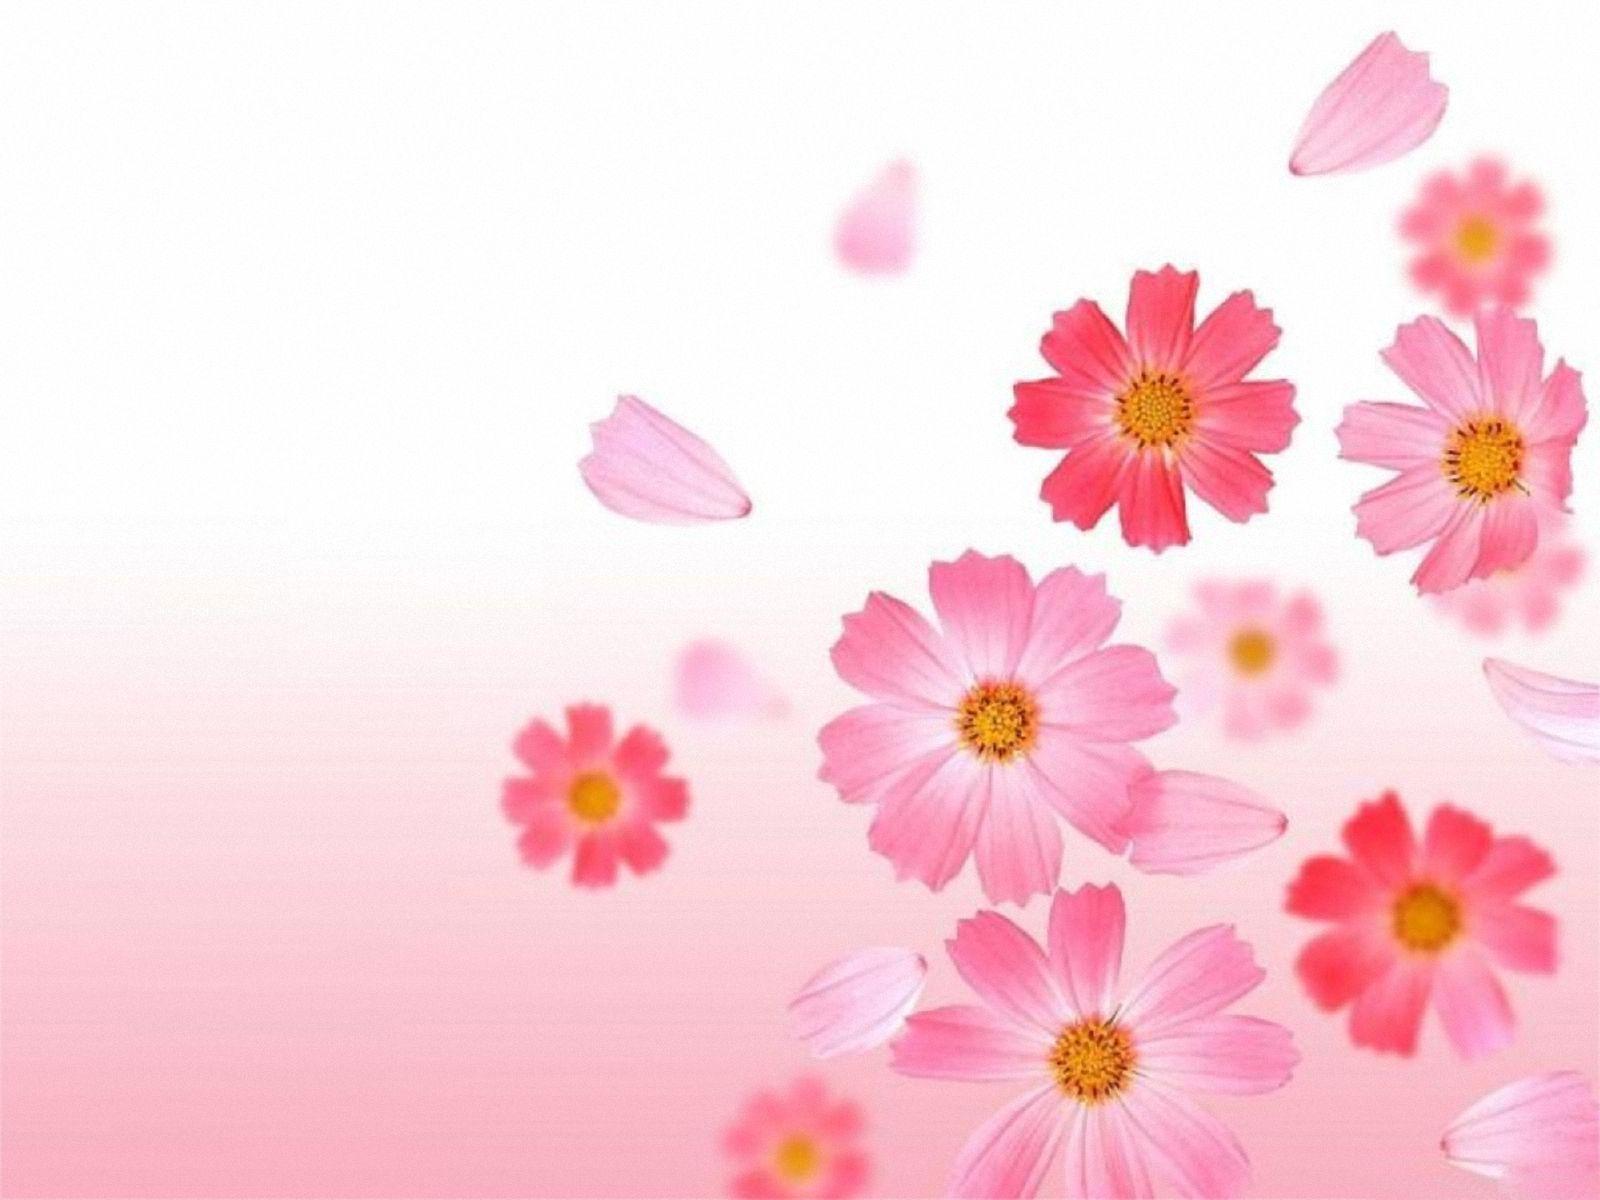 Fondos De Pantalla Hd Flores: Fondos De Flores Gratis Para Fondo De Pantalla En 4K 11 HD